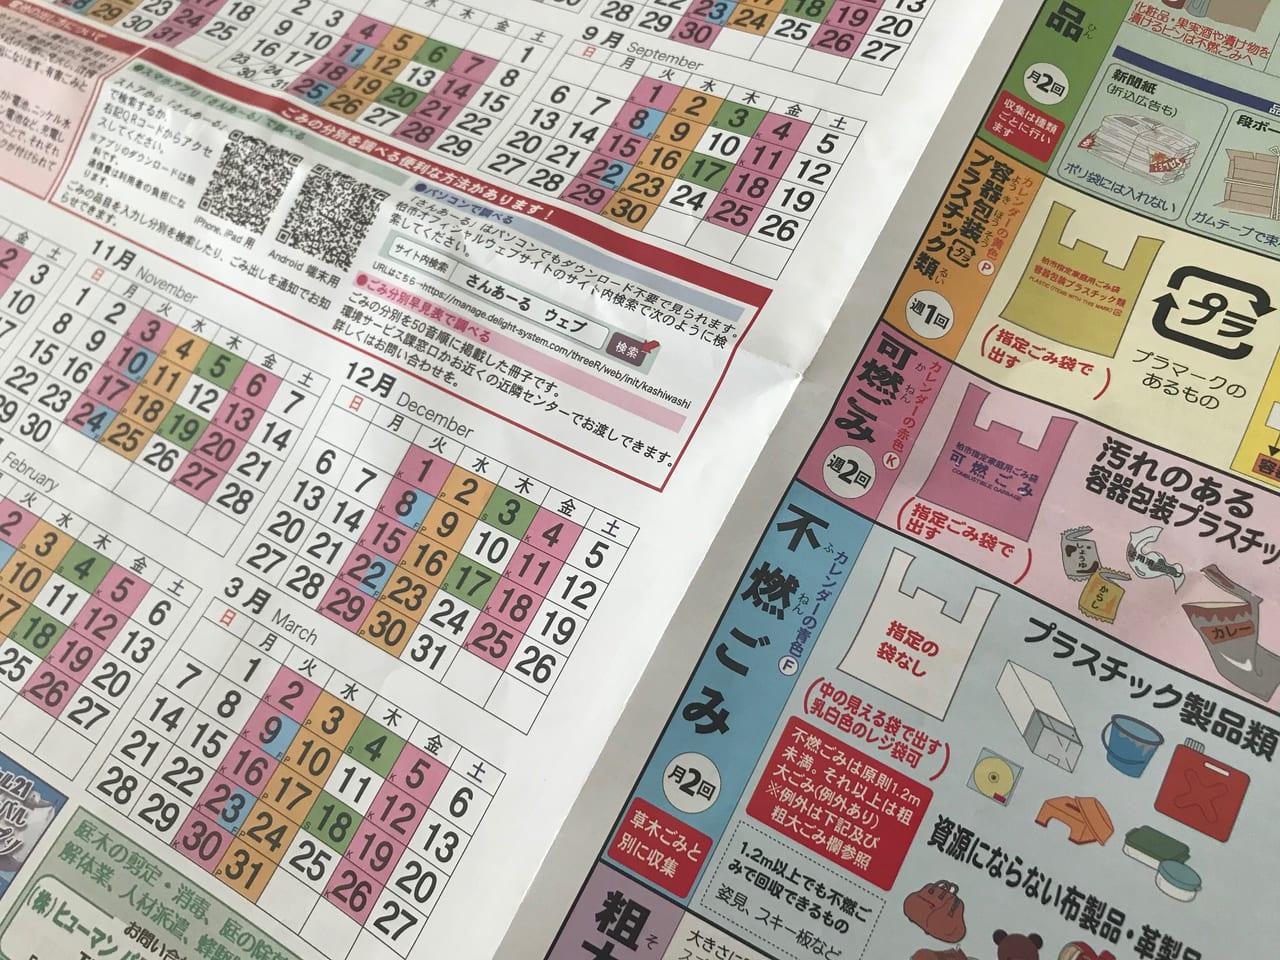 ゴミ 松山 カレンダー 2020 市